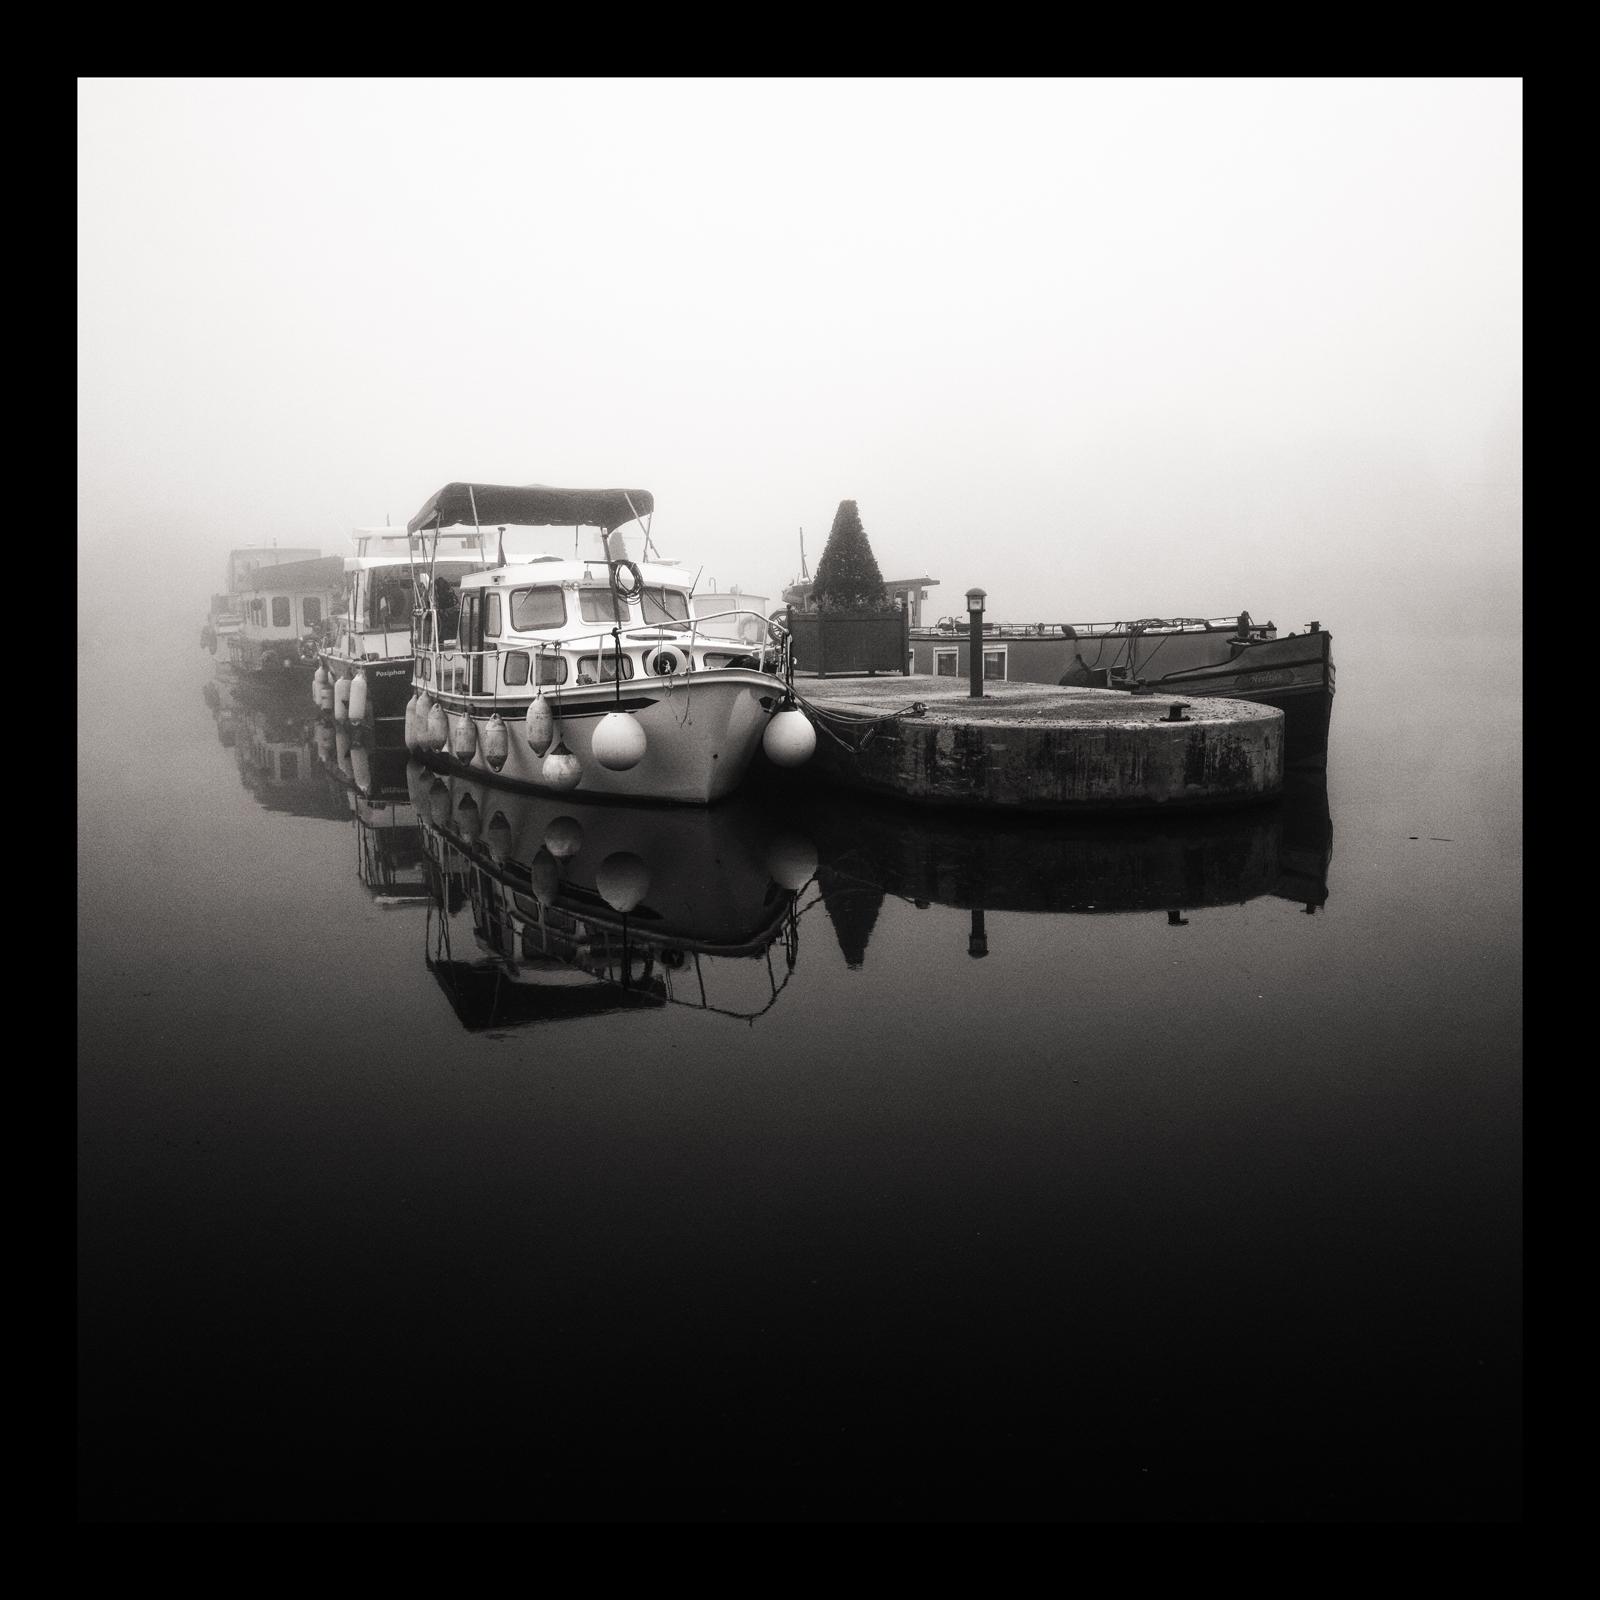 Cours photographier le brouillard en noir et blanc